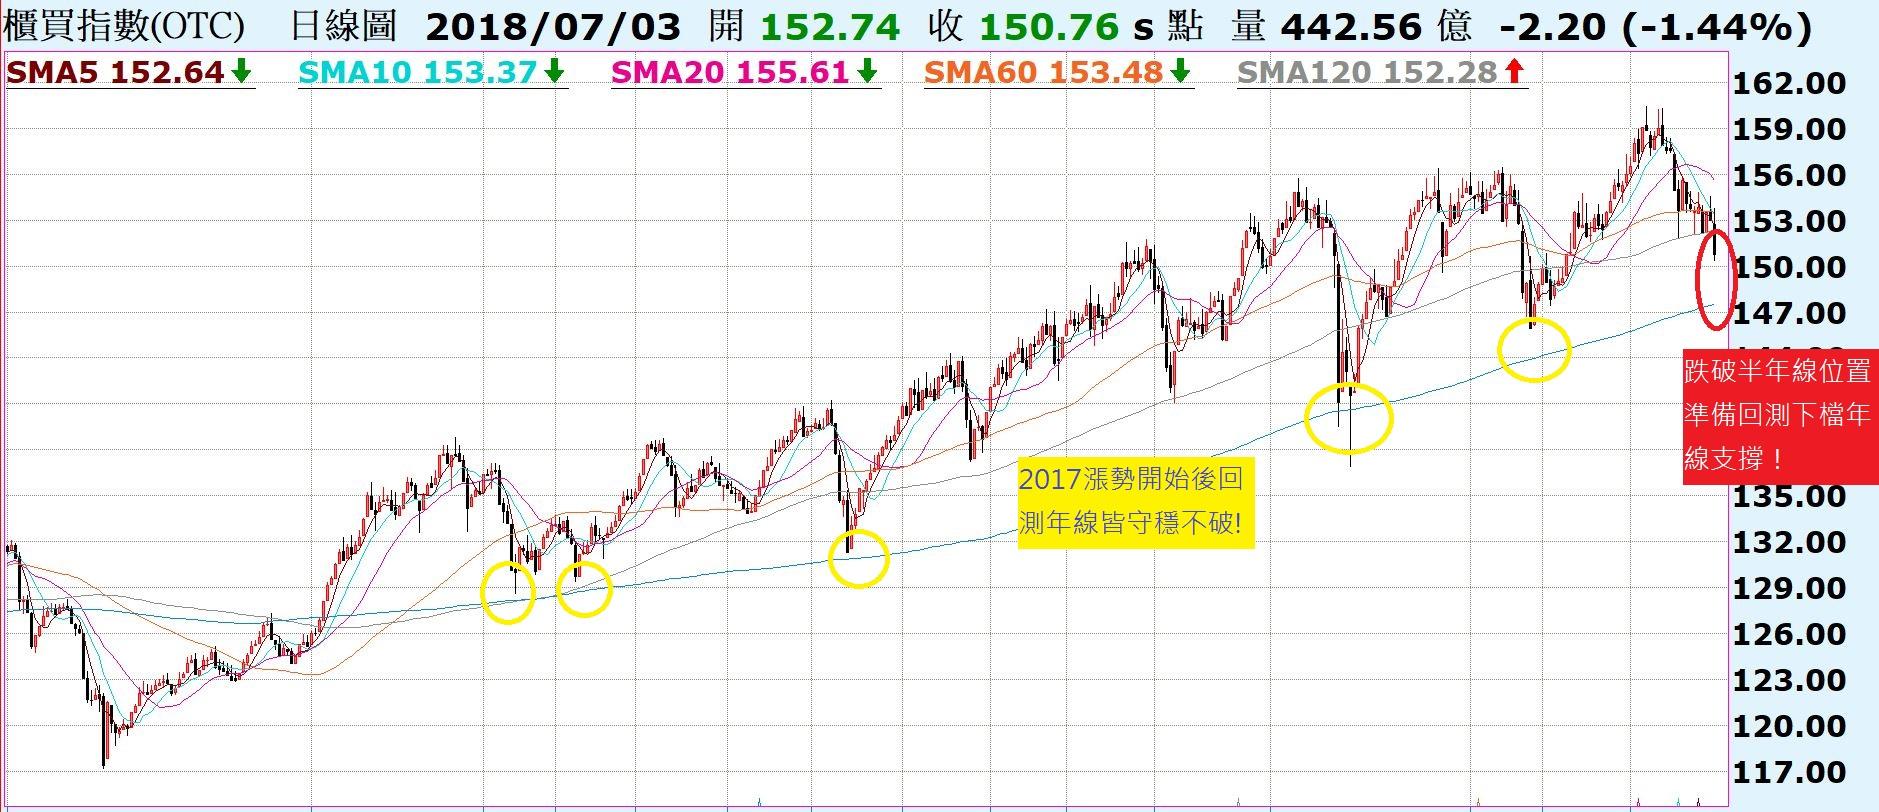 外資持續賣超的台股,反彈力道有限!陸股上證指數當日V轉,是否一天行情?_02